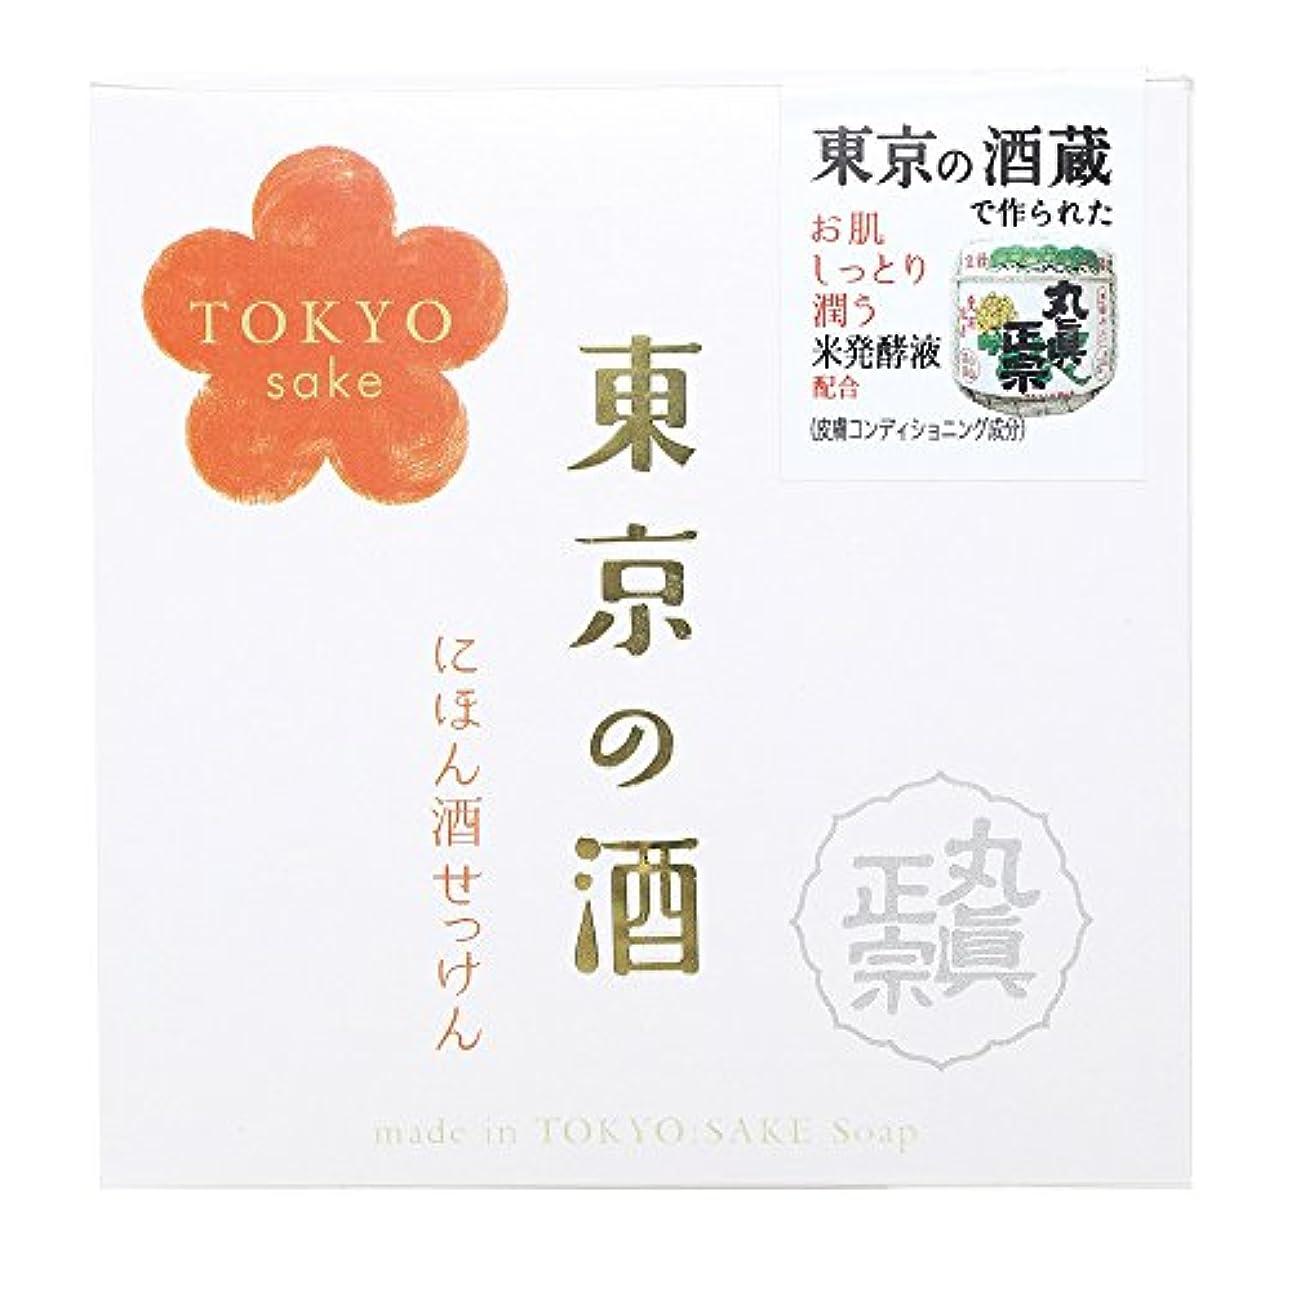 頂点ウッズ熱望するノルコーポレーション 東京の酒 石けん OB-TKY-1-1 100g